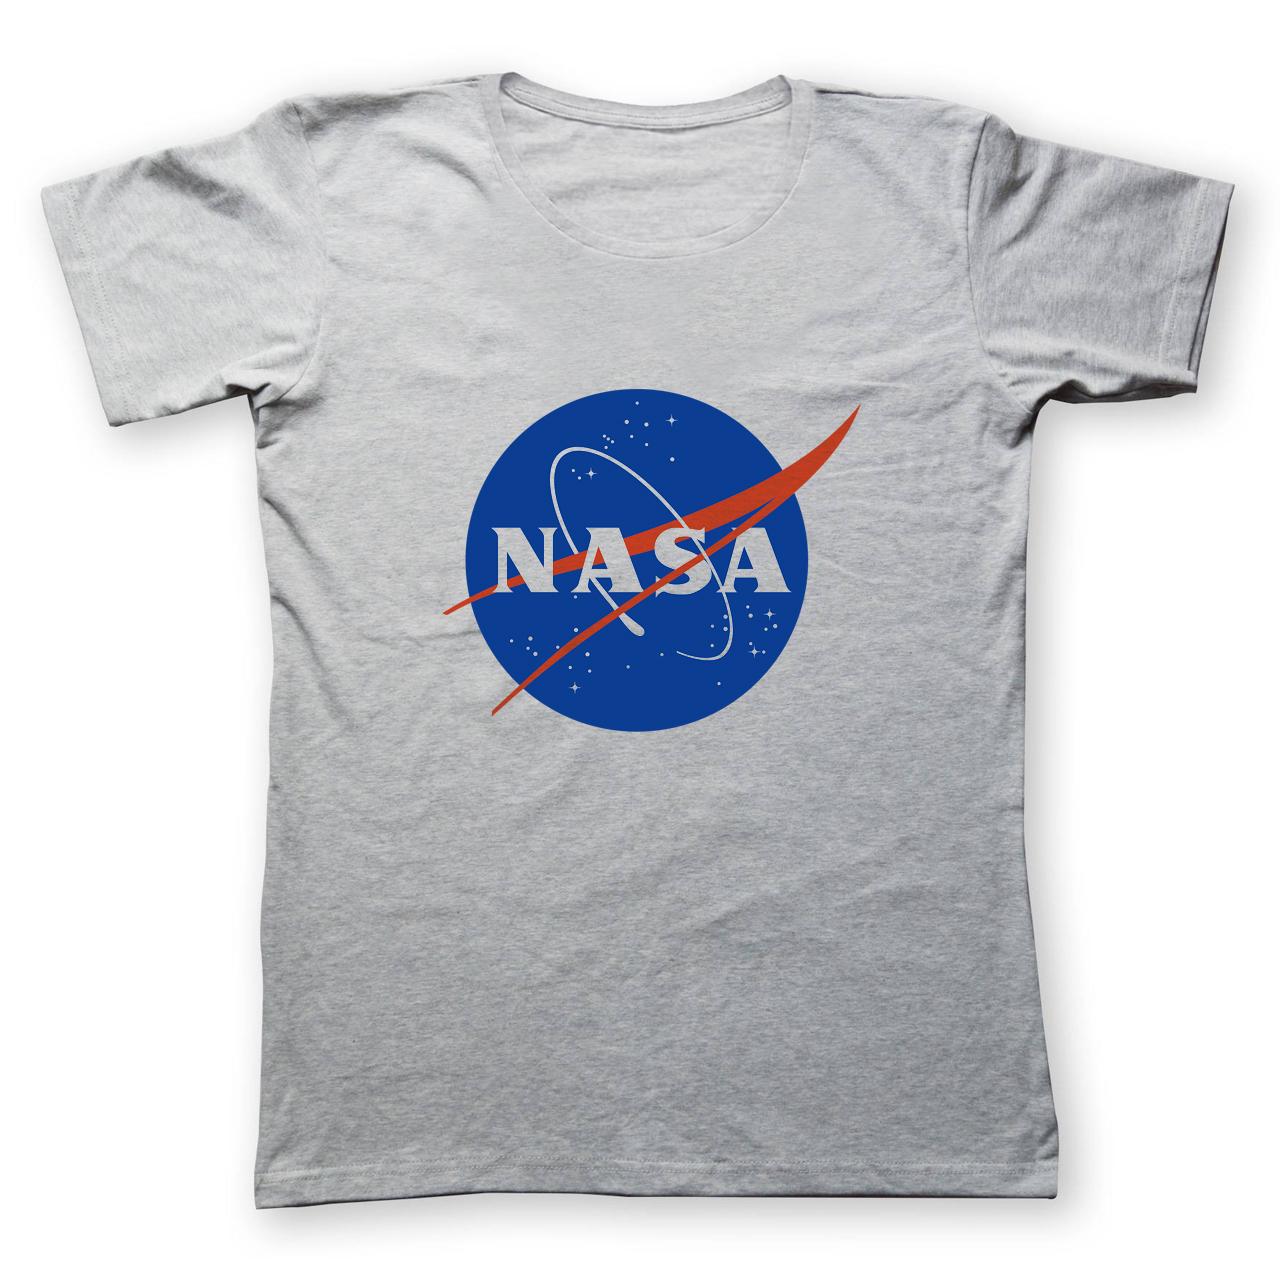 عکس تی شرت مردانه به رسم طرح ناسا کد 285